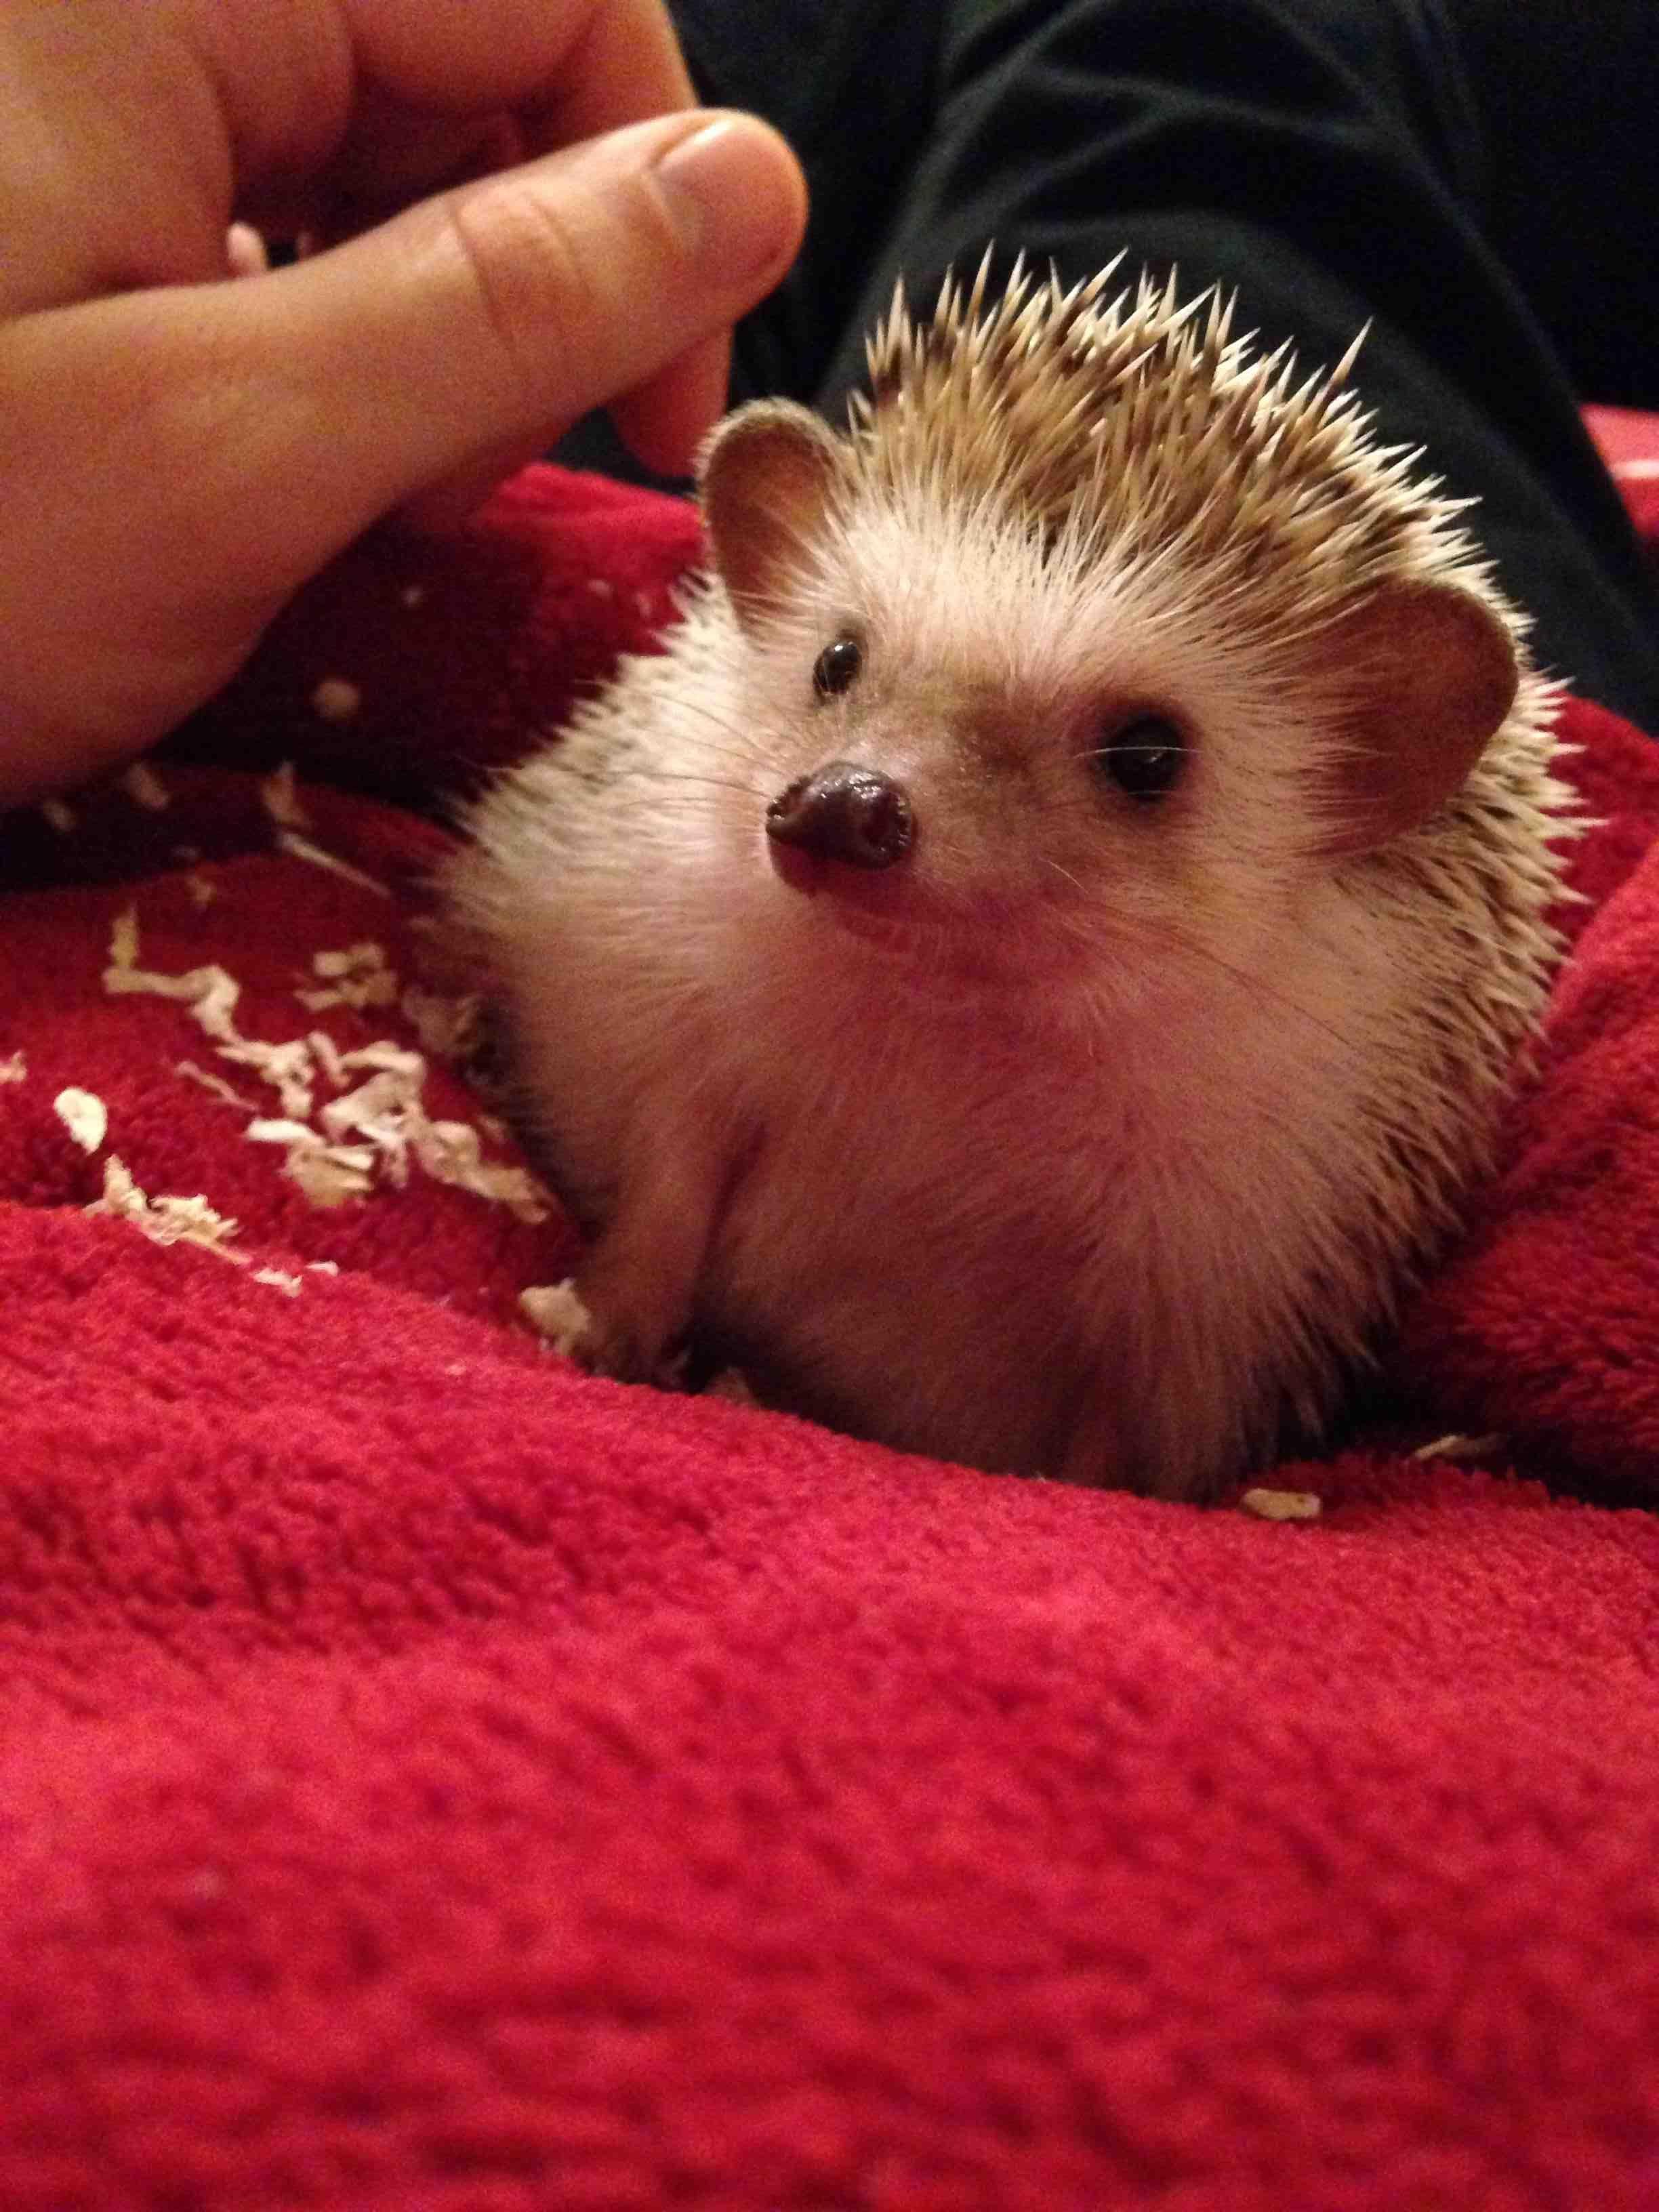 Hedgehog! via Reddit Hedgehog pet, Cute hedgehog